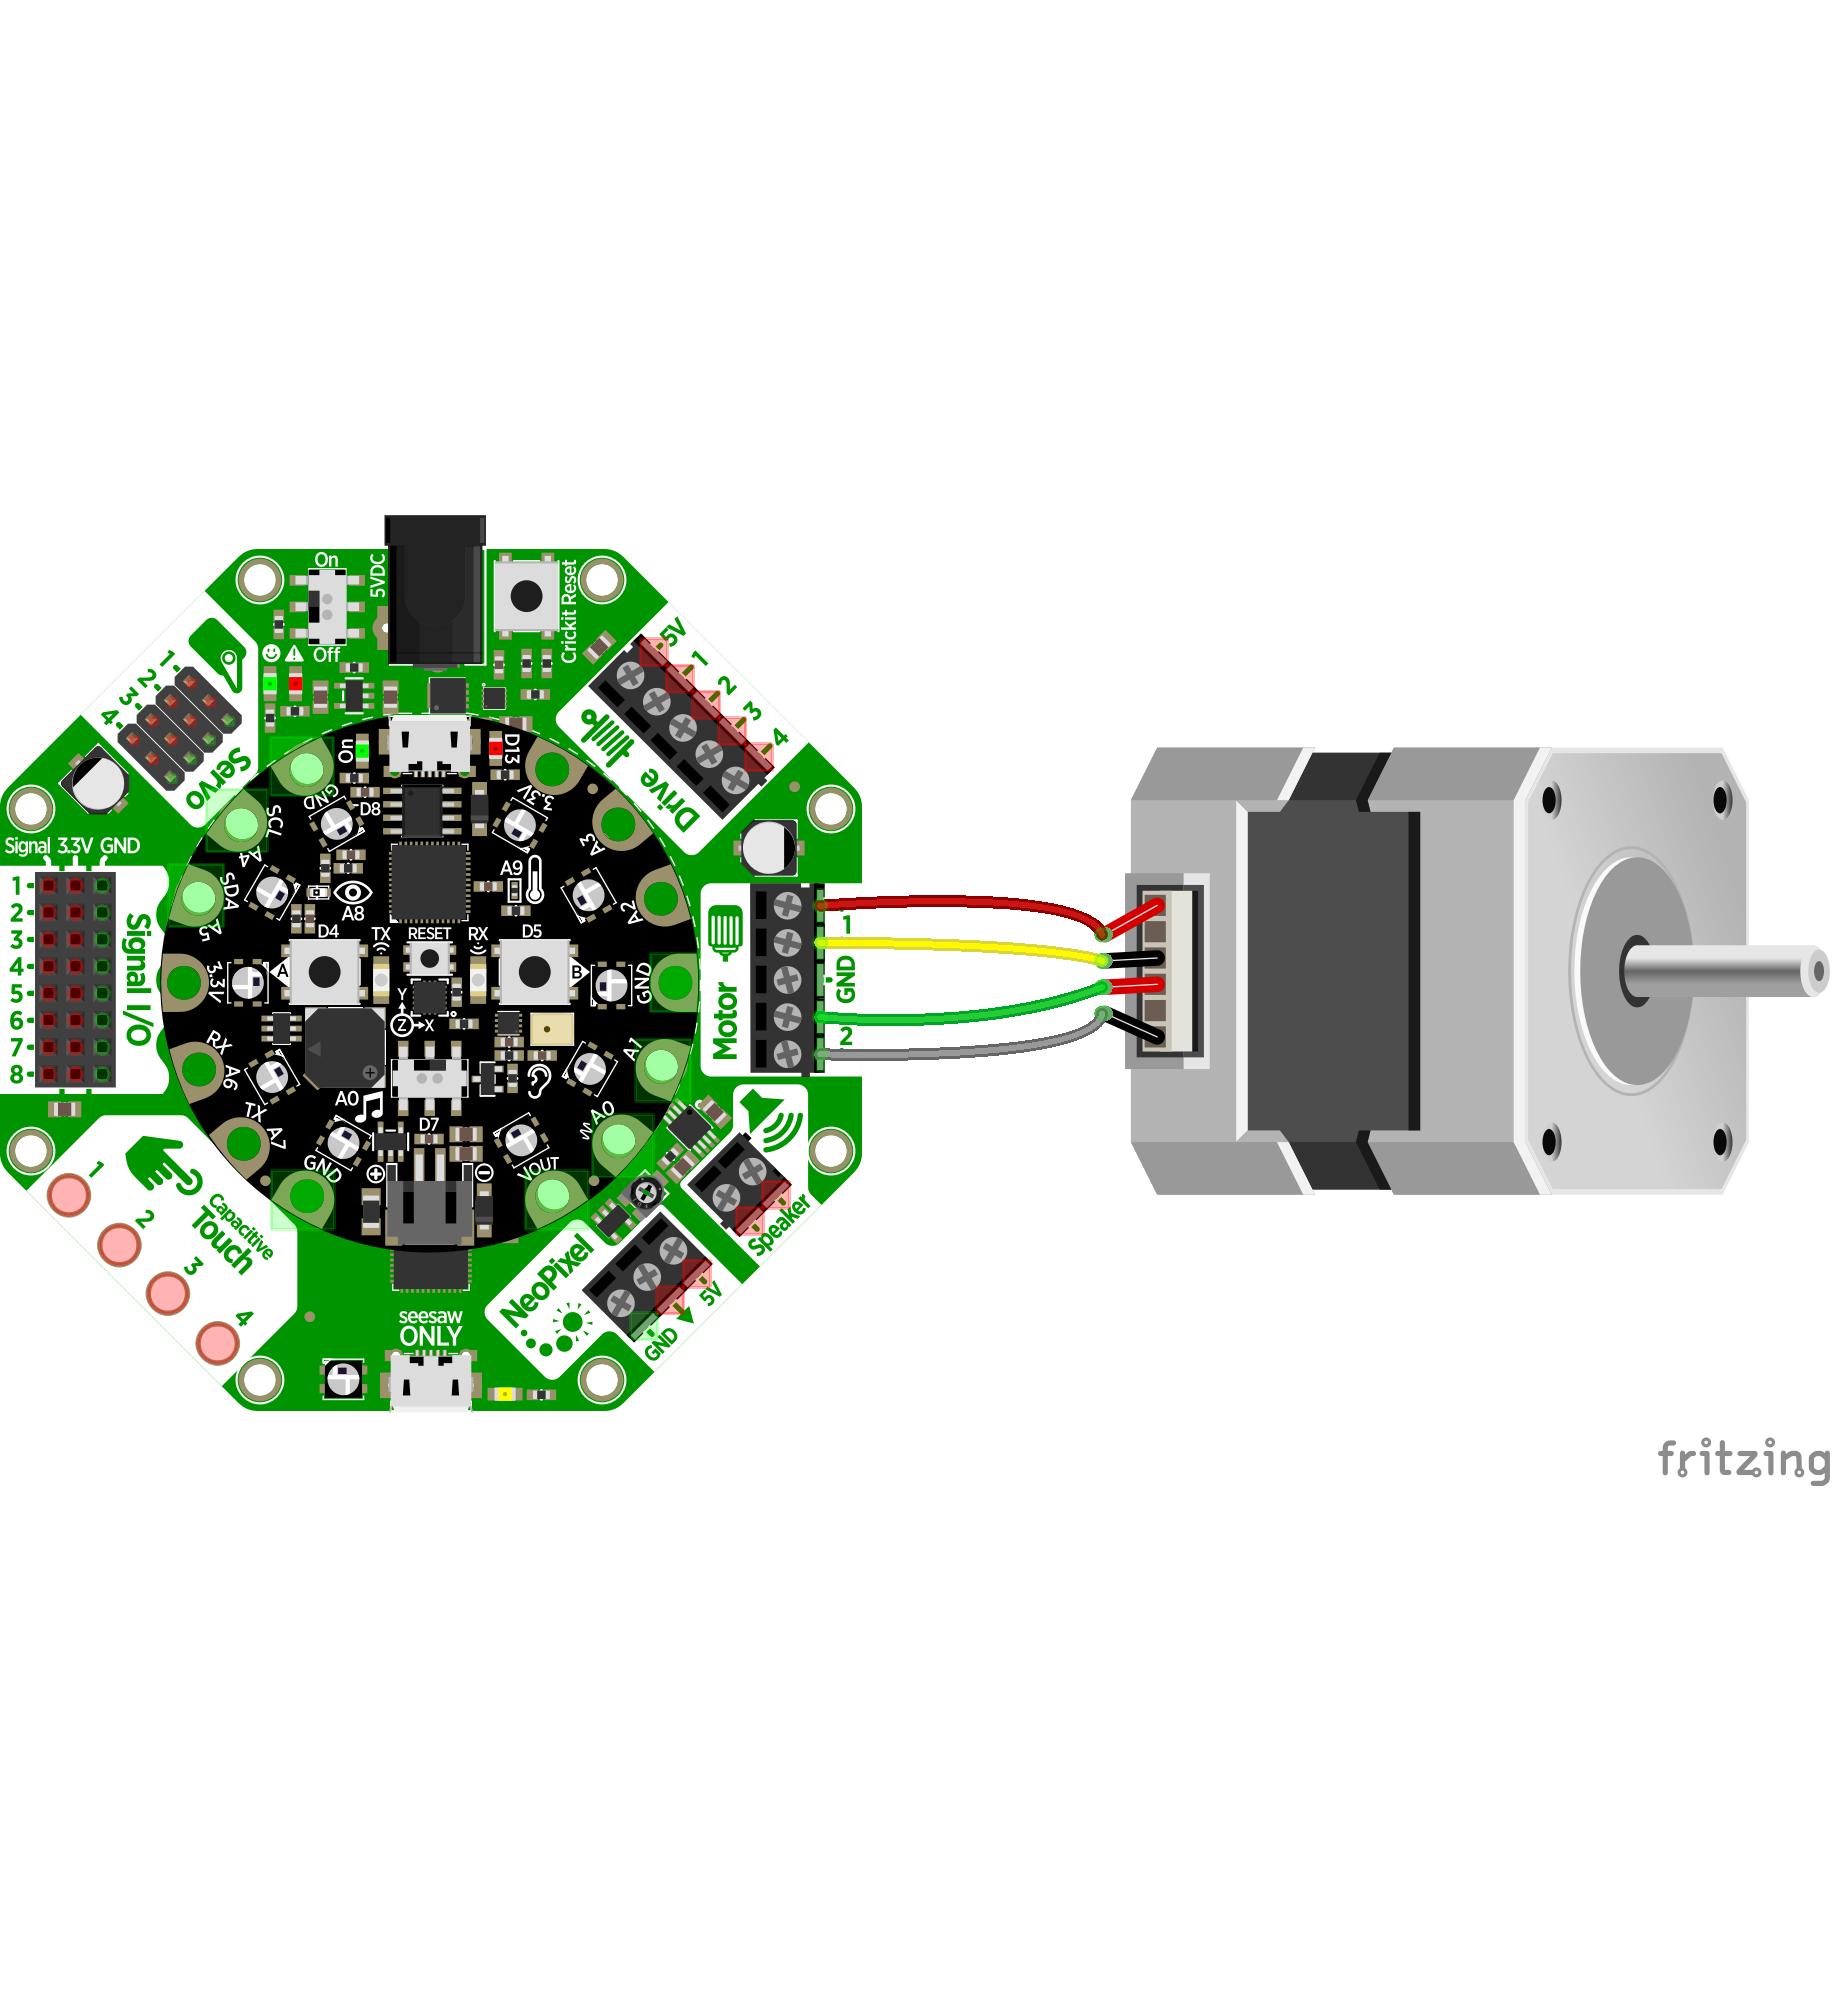 robotics___cnc_circuit_playground_bipolarstepper_bb.png